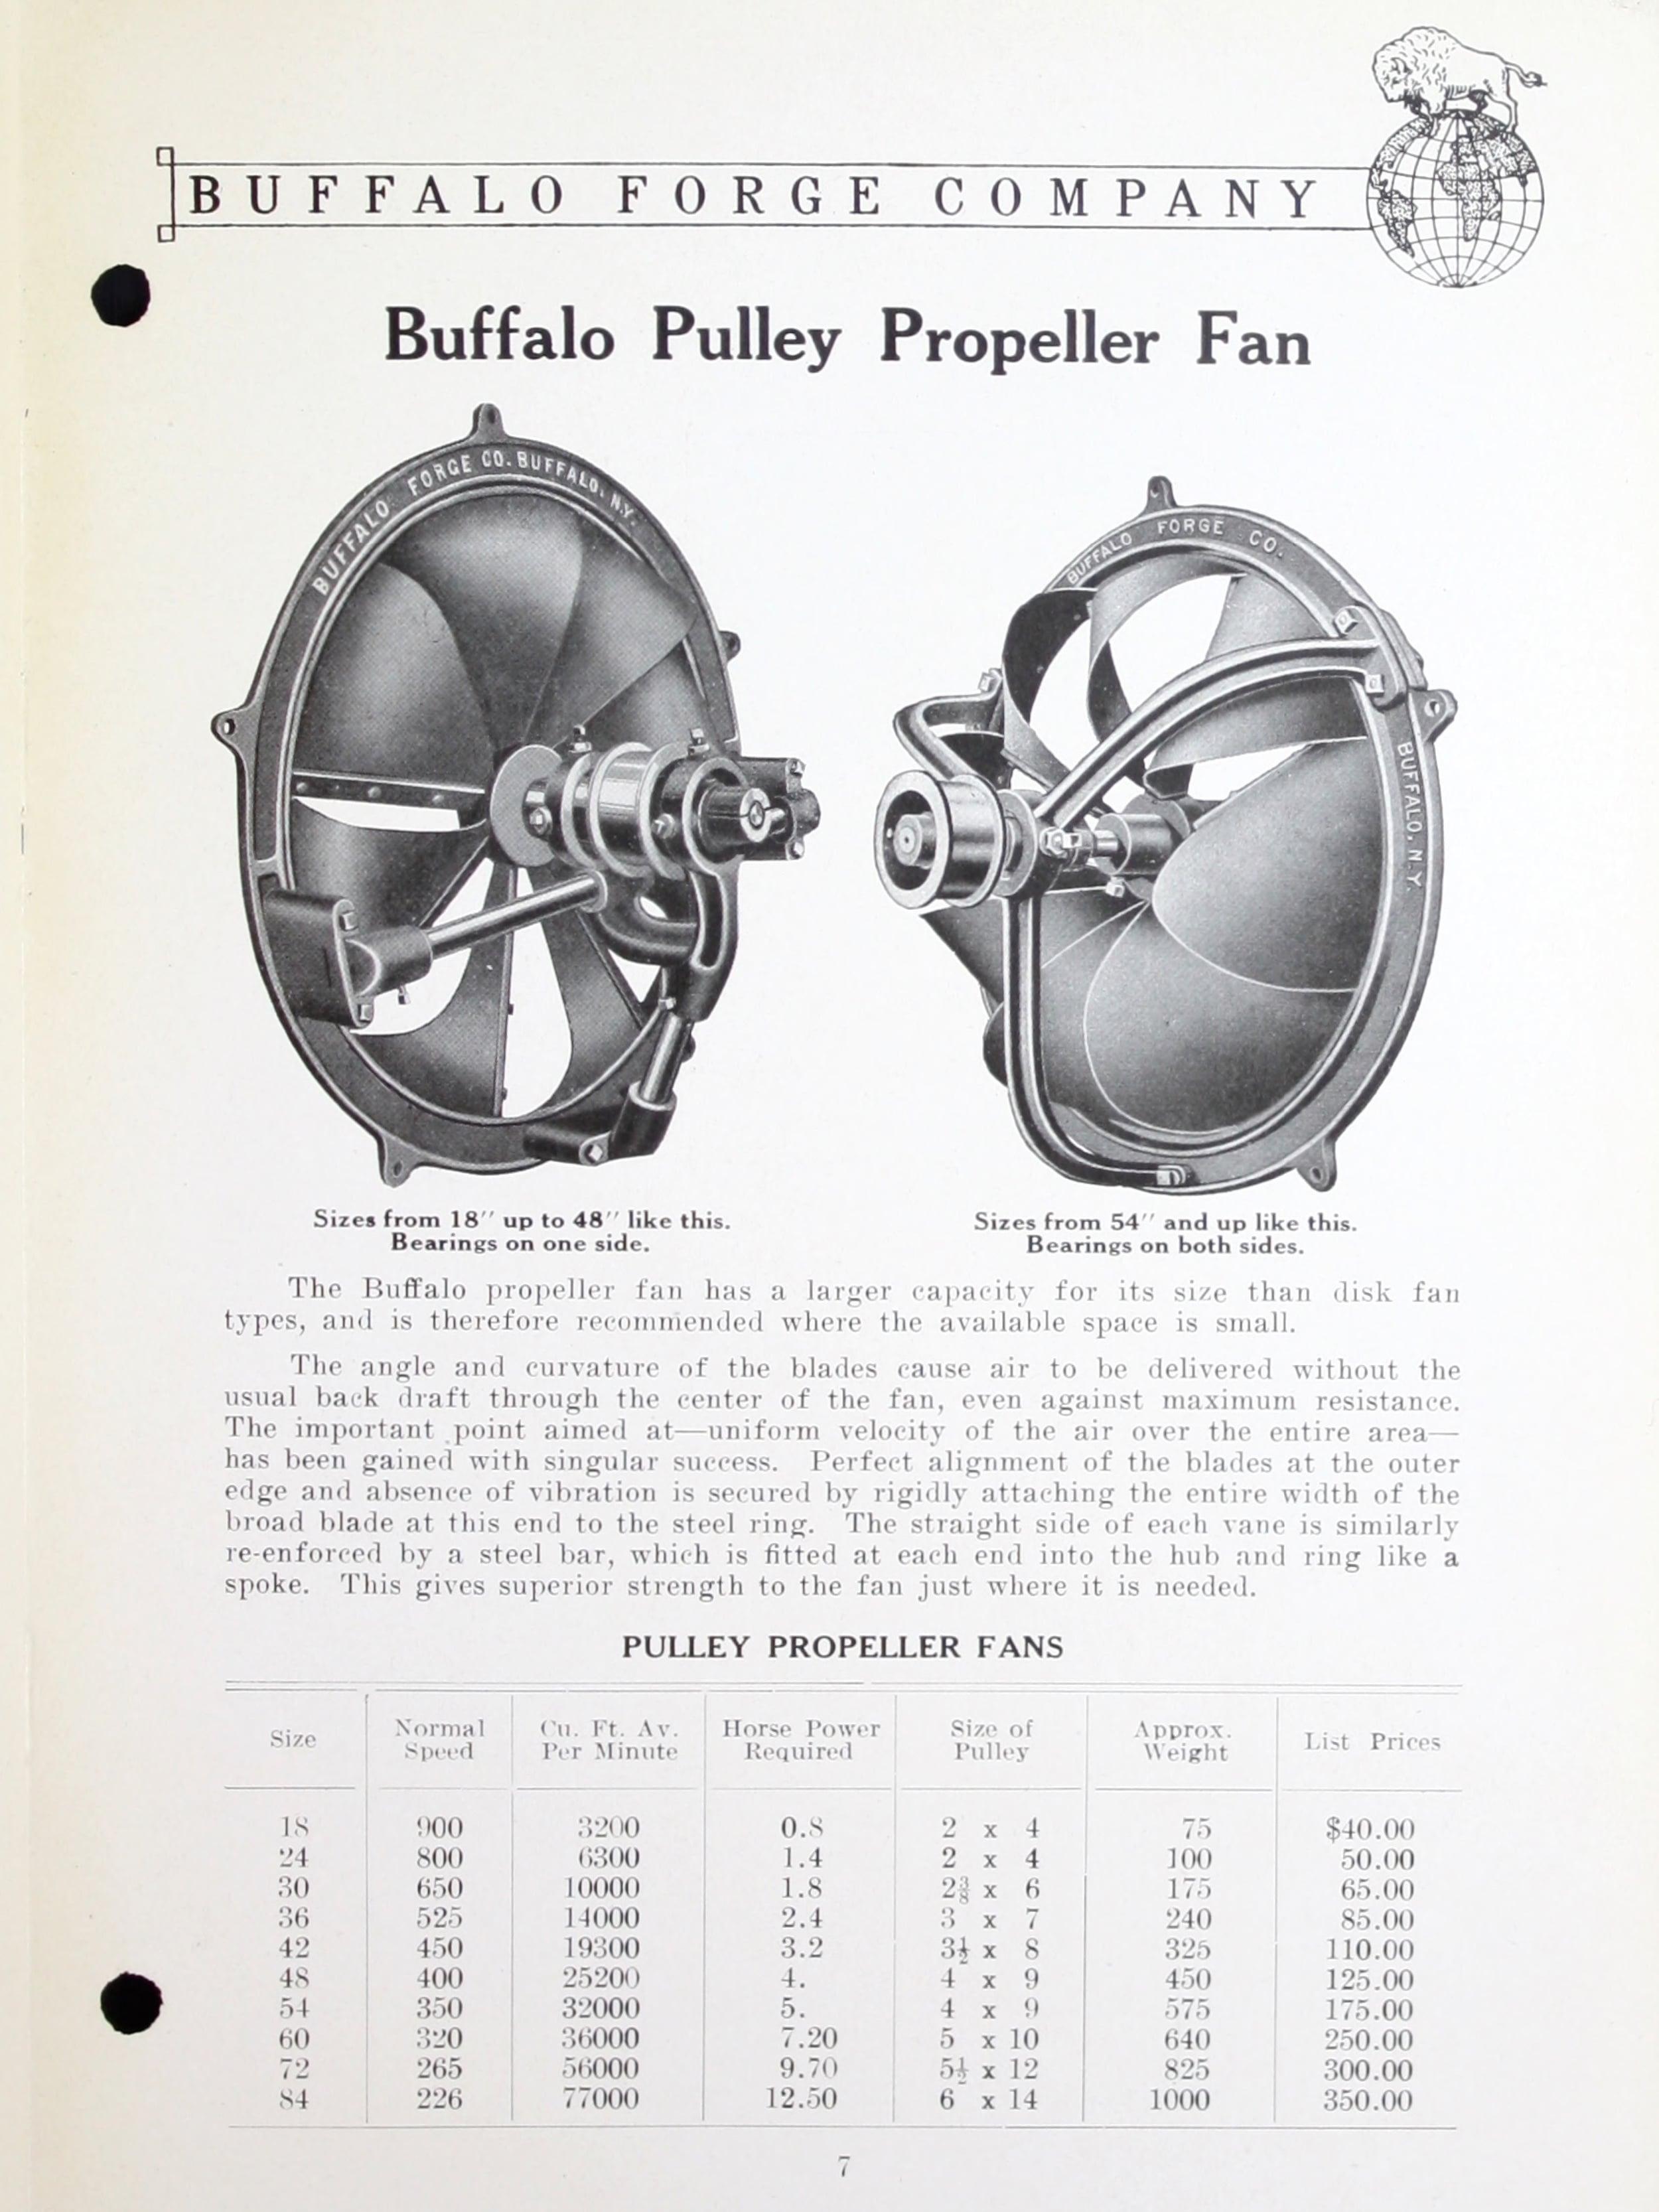 BuffaloForgeCoCca42885_0006.jpg